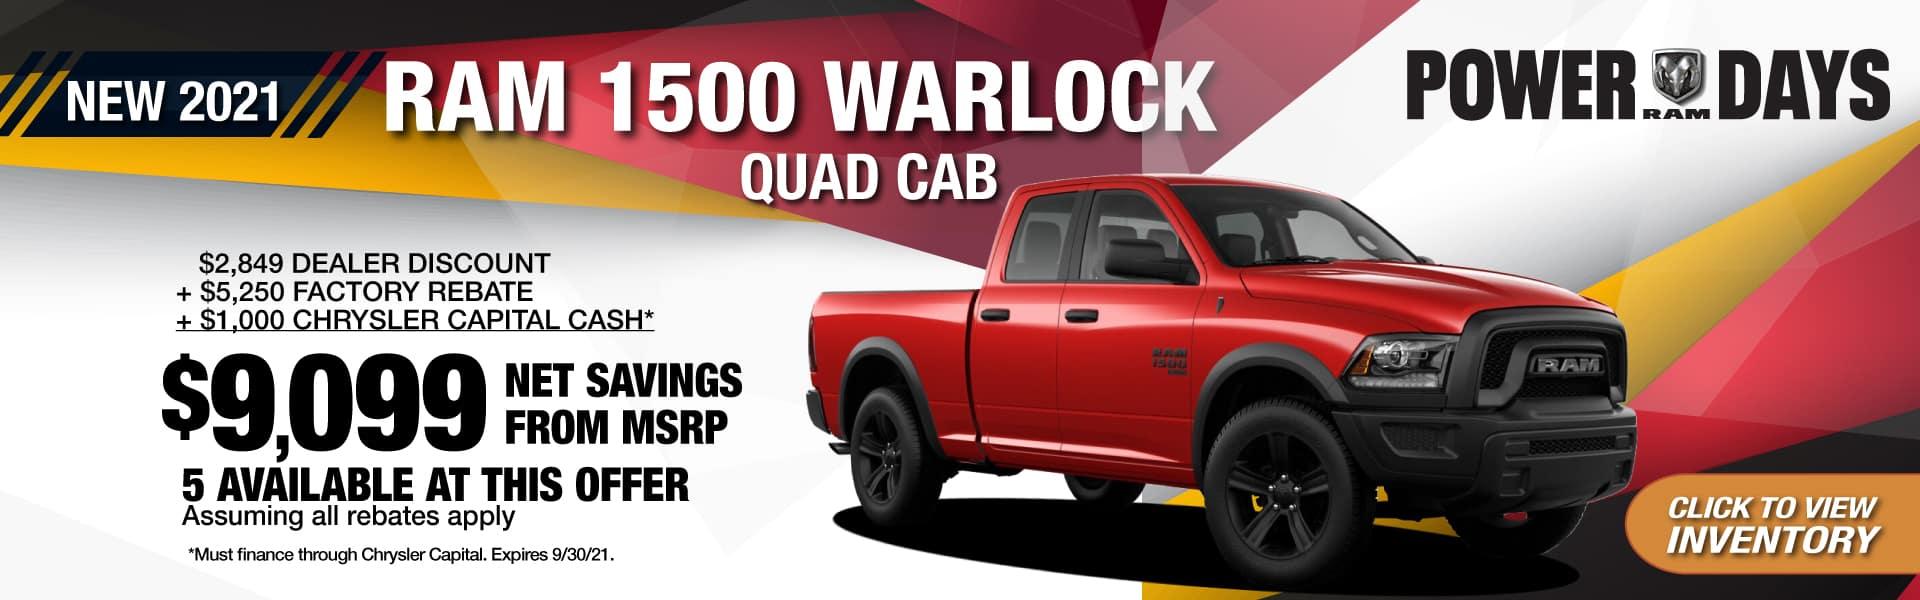 SD CDJR 1920px_Offers_Sept30_Warlock_QC (1)